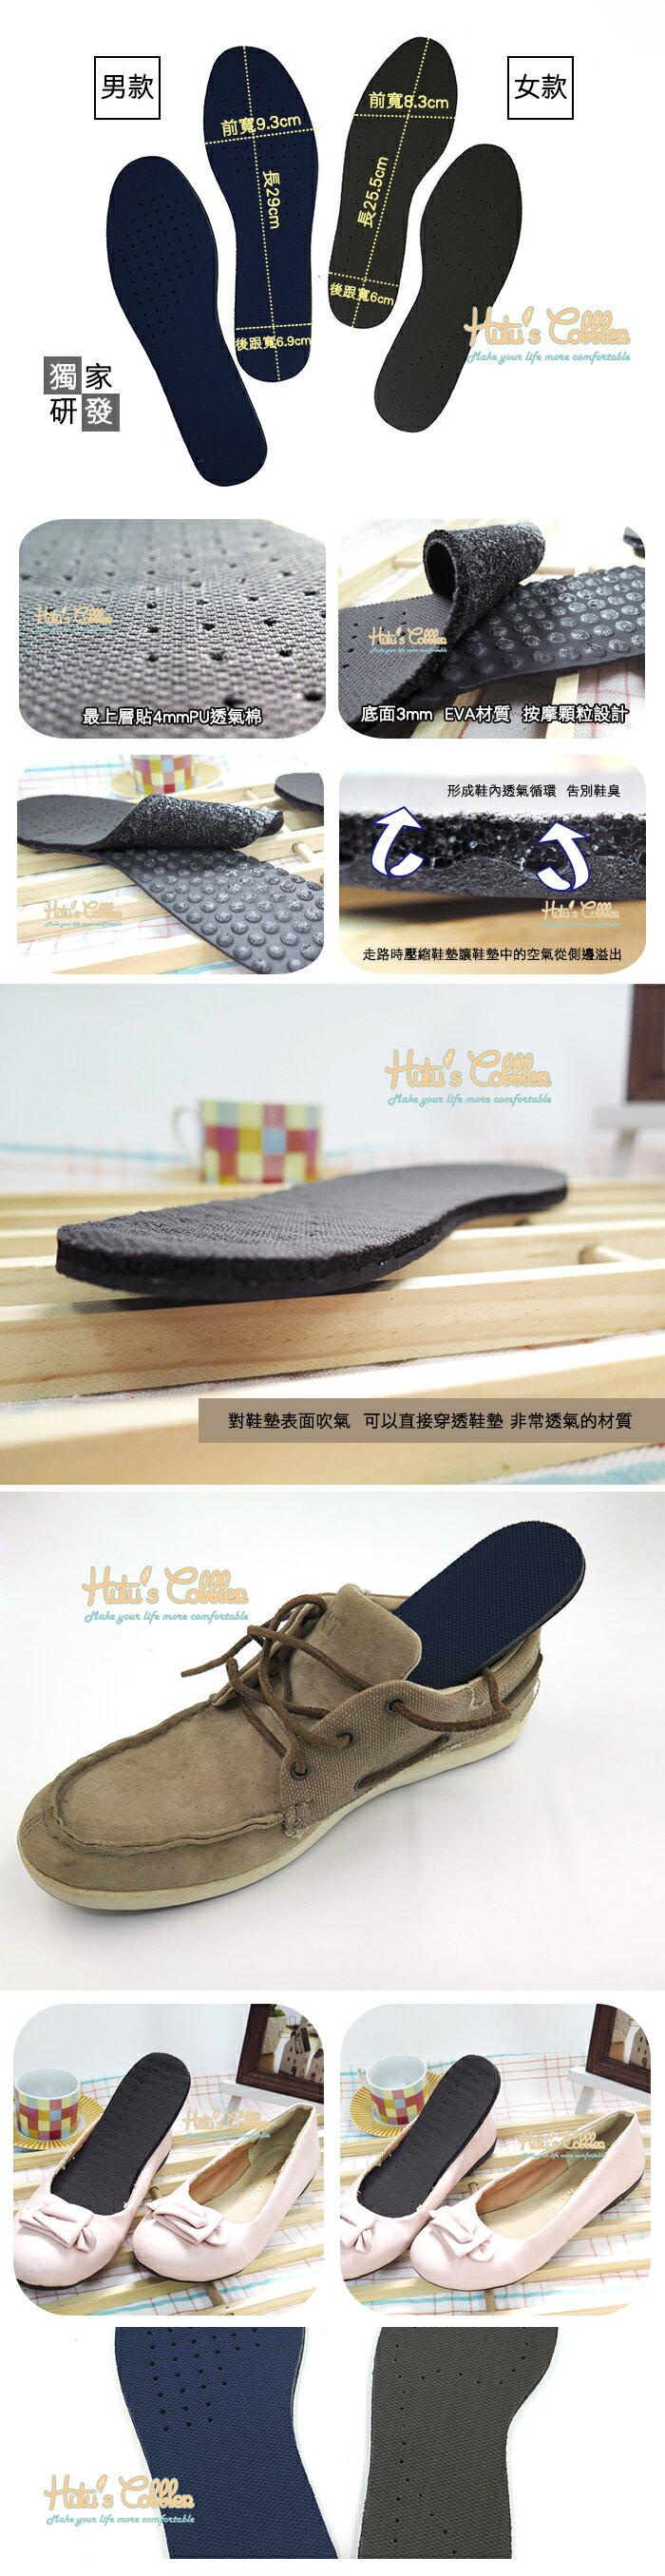 ○糊塗鞋匠○ 優質鞋材 C71 台灣製造 10mm 7mmPU透氣棉按摩鞋墊 獨家研發 顆粒設計 1